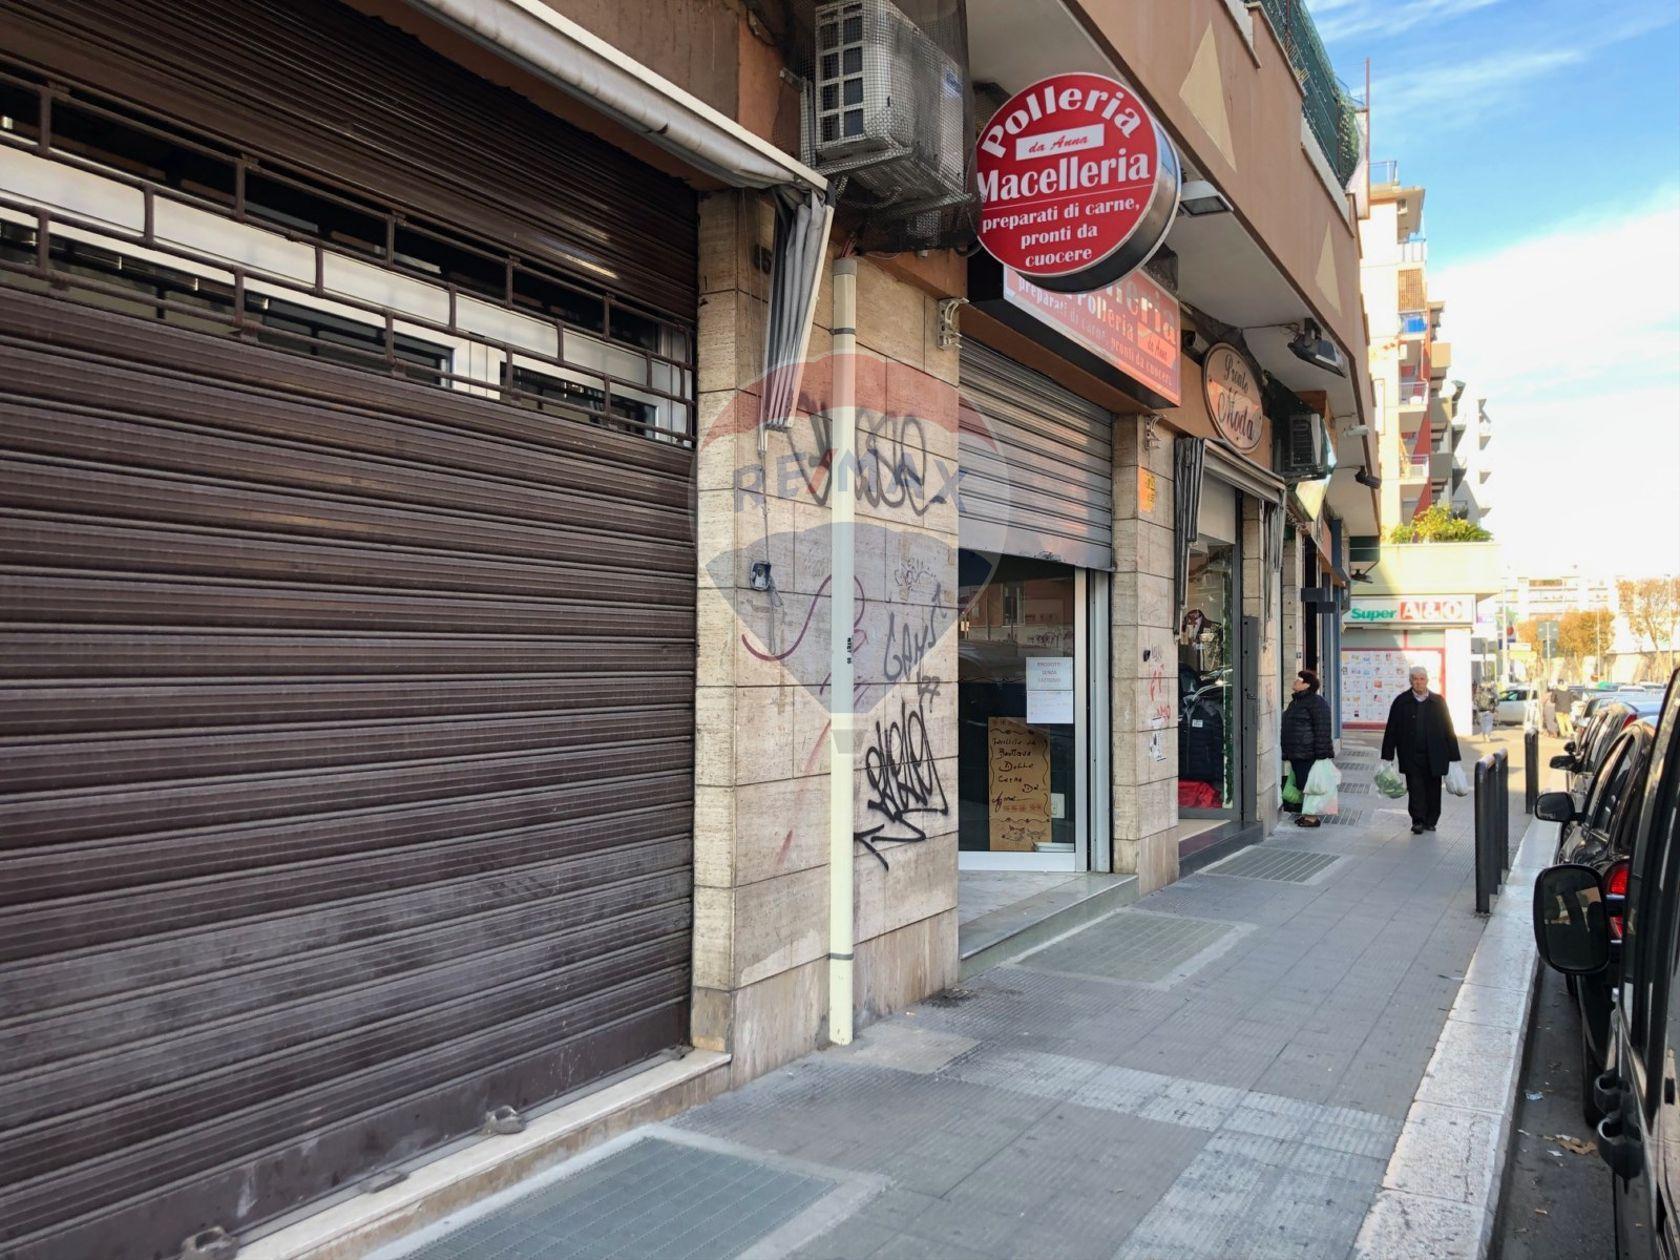 Locale Commerciale Carrassi, Bari, BA Affitto - Foto 5